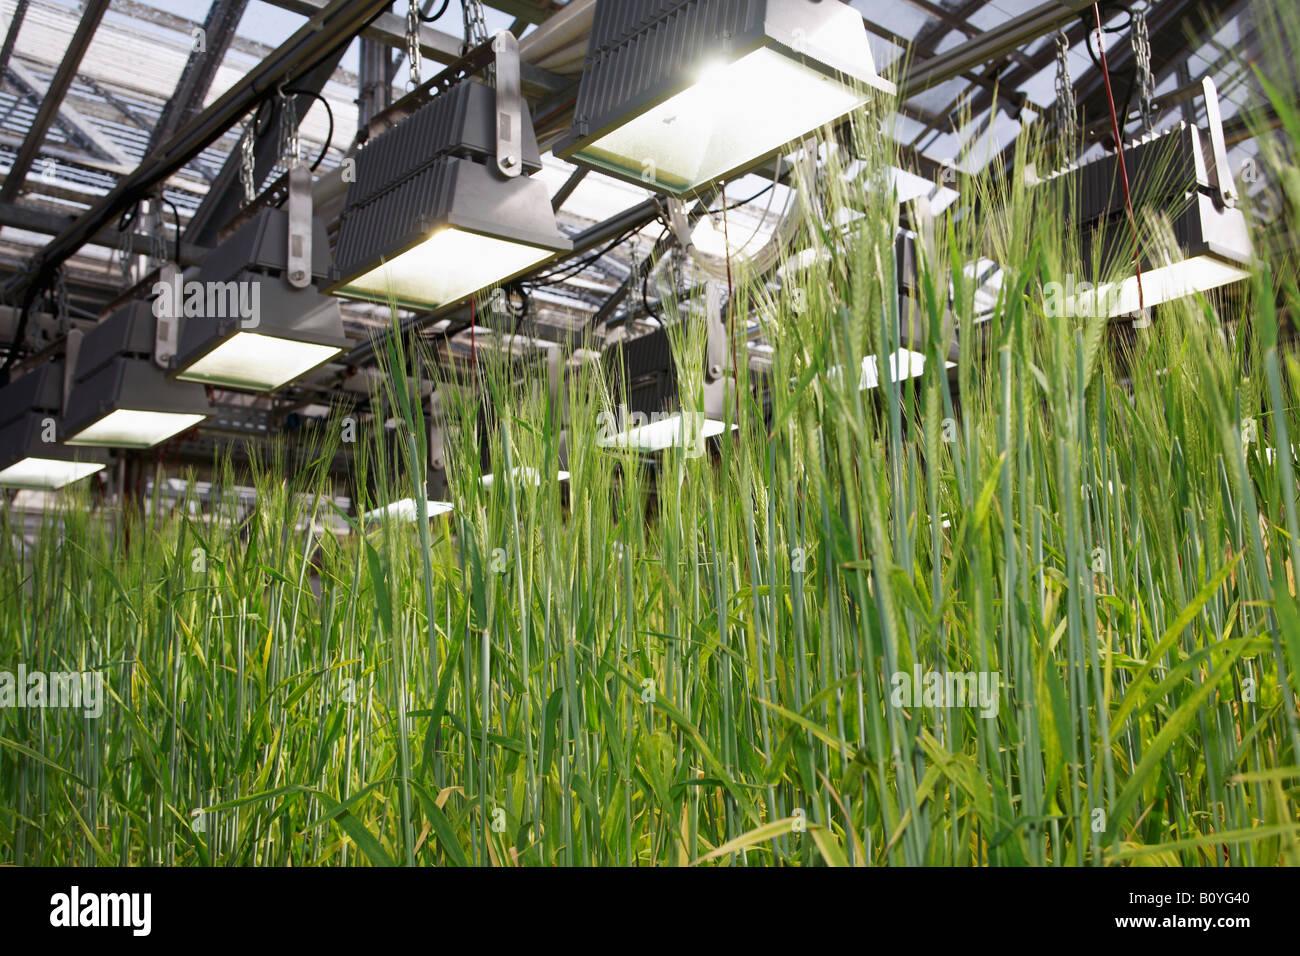 Cebada (Hordeum vulgare), panículas, cerrar Imagen De Stock